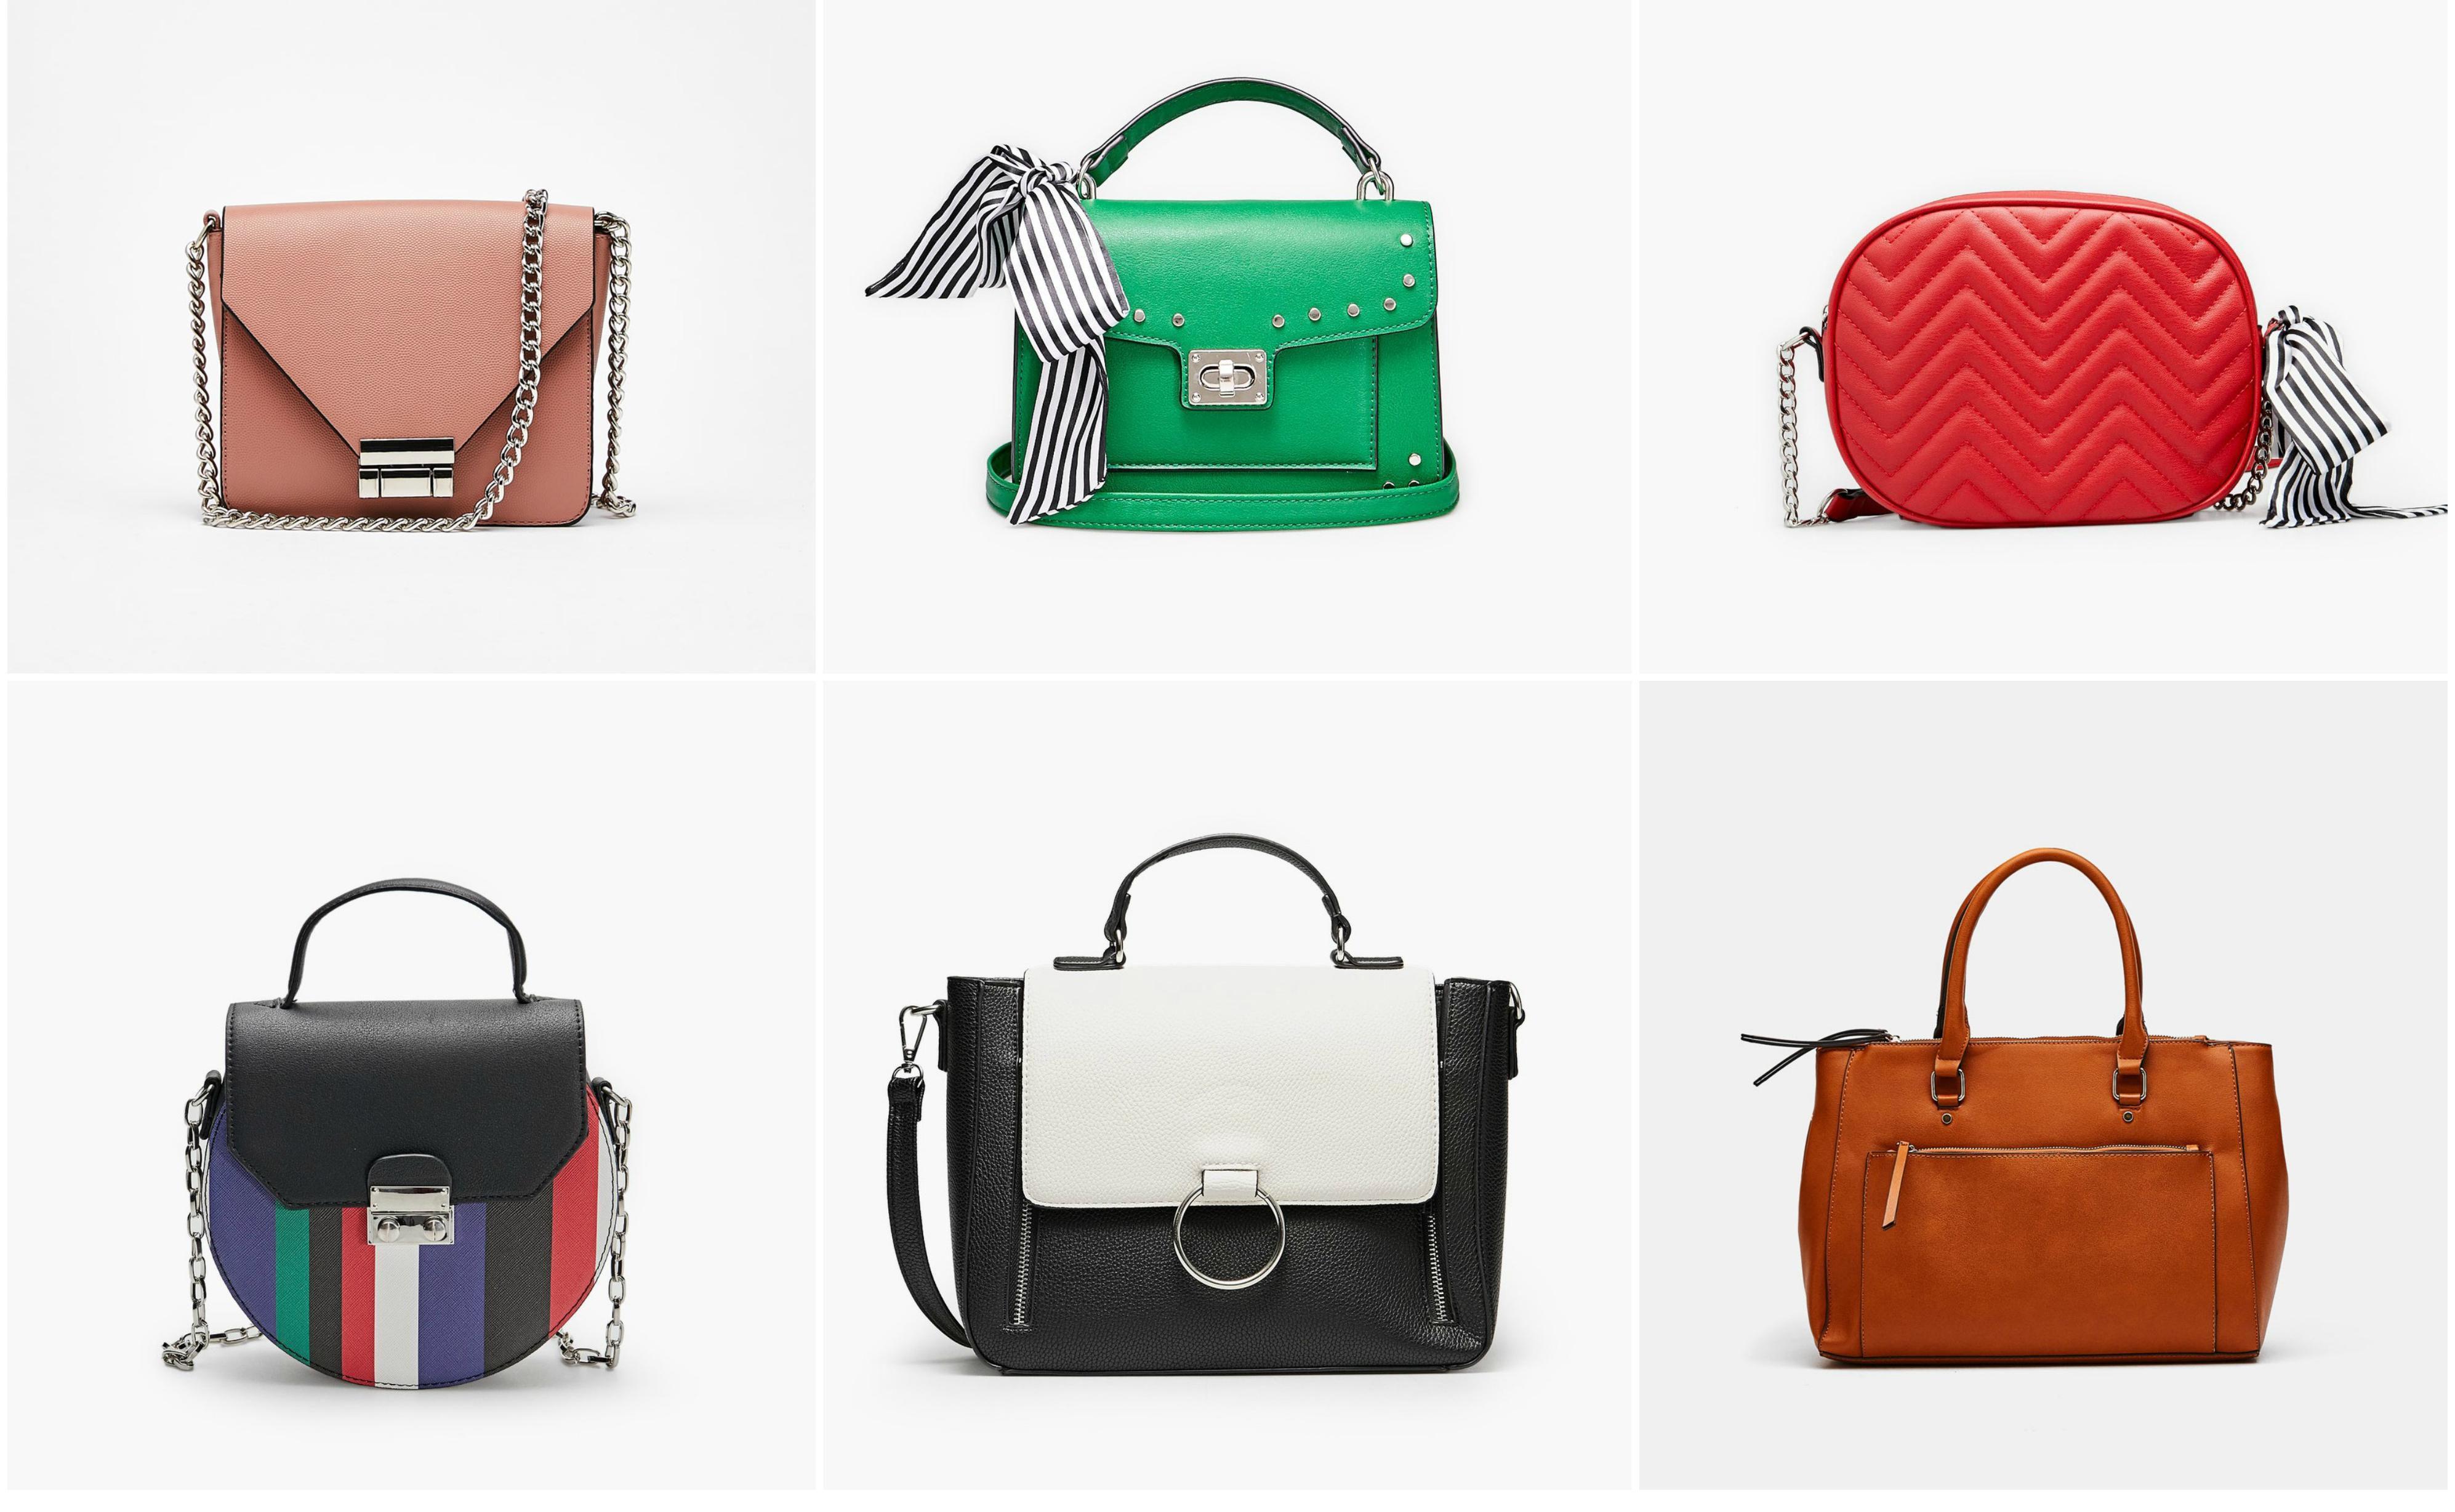 Pronašli smo najljepše torbe iz nove kolekcije već od 99 kuna!